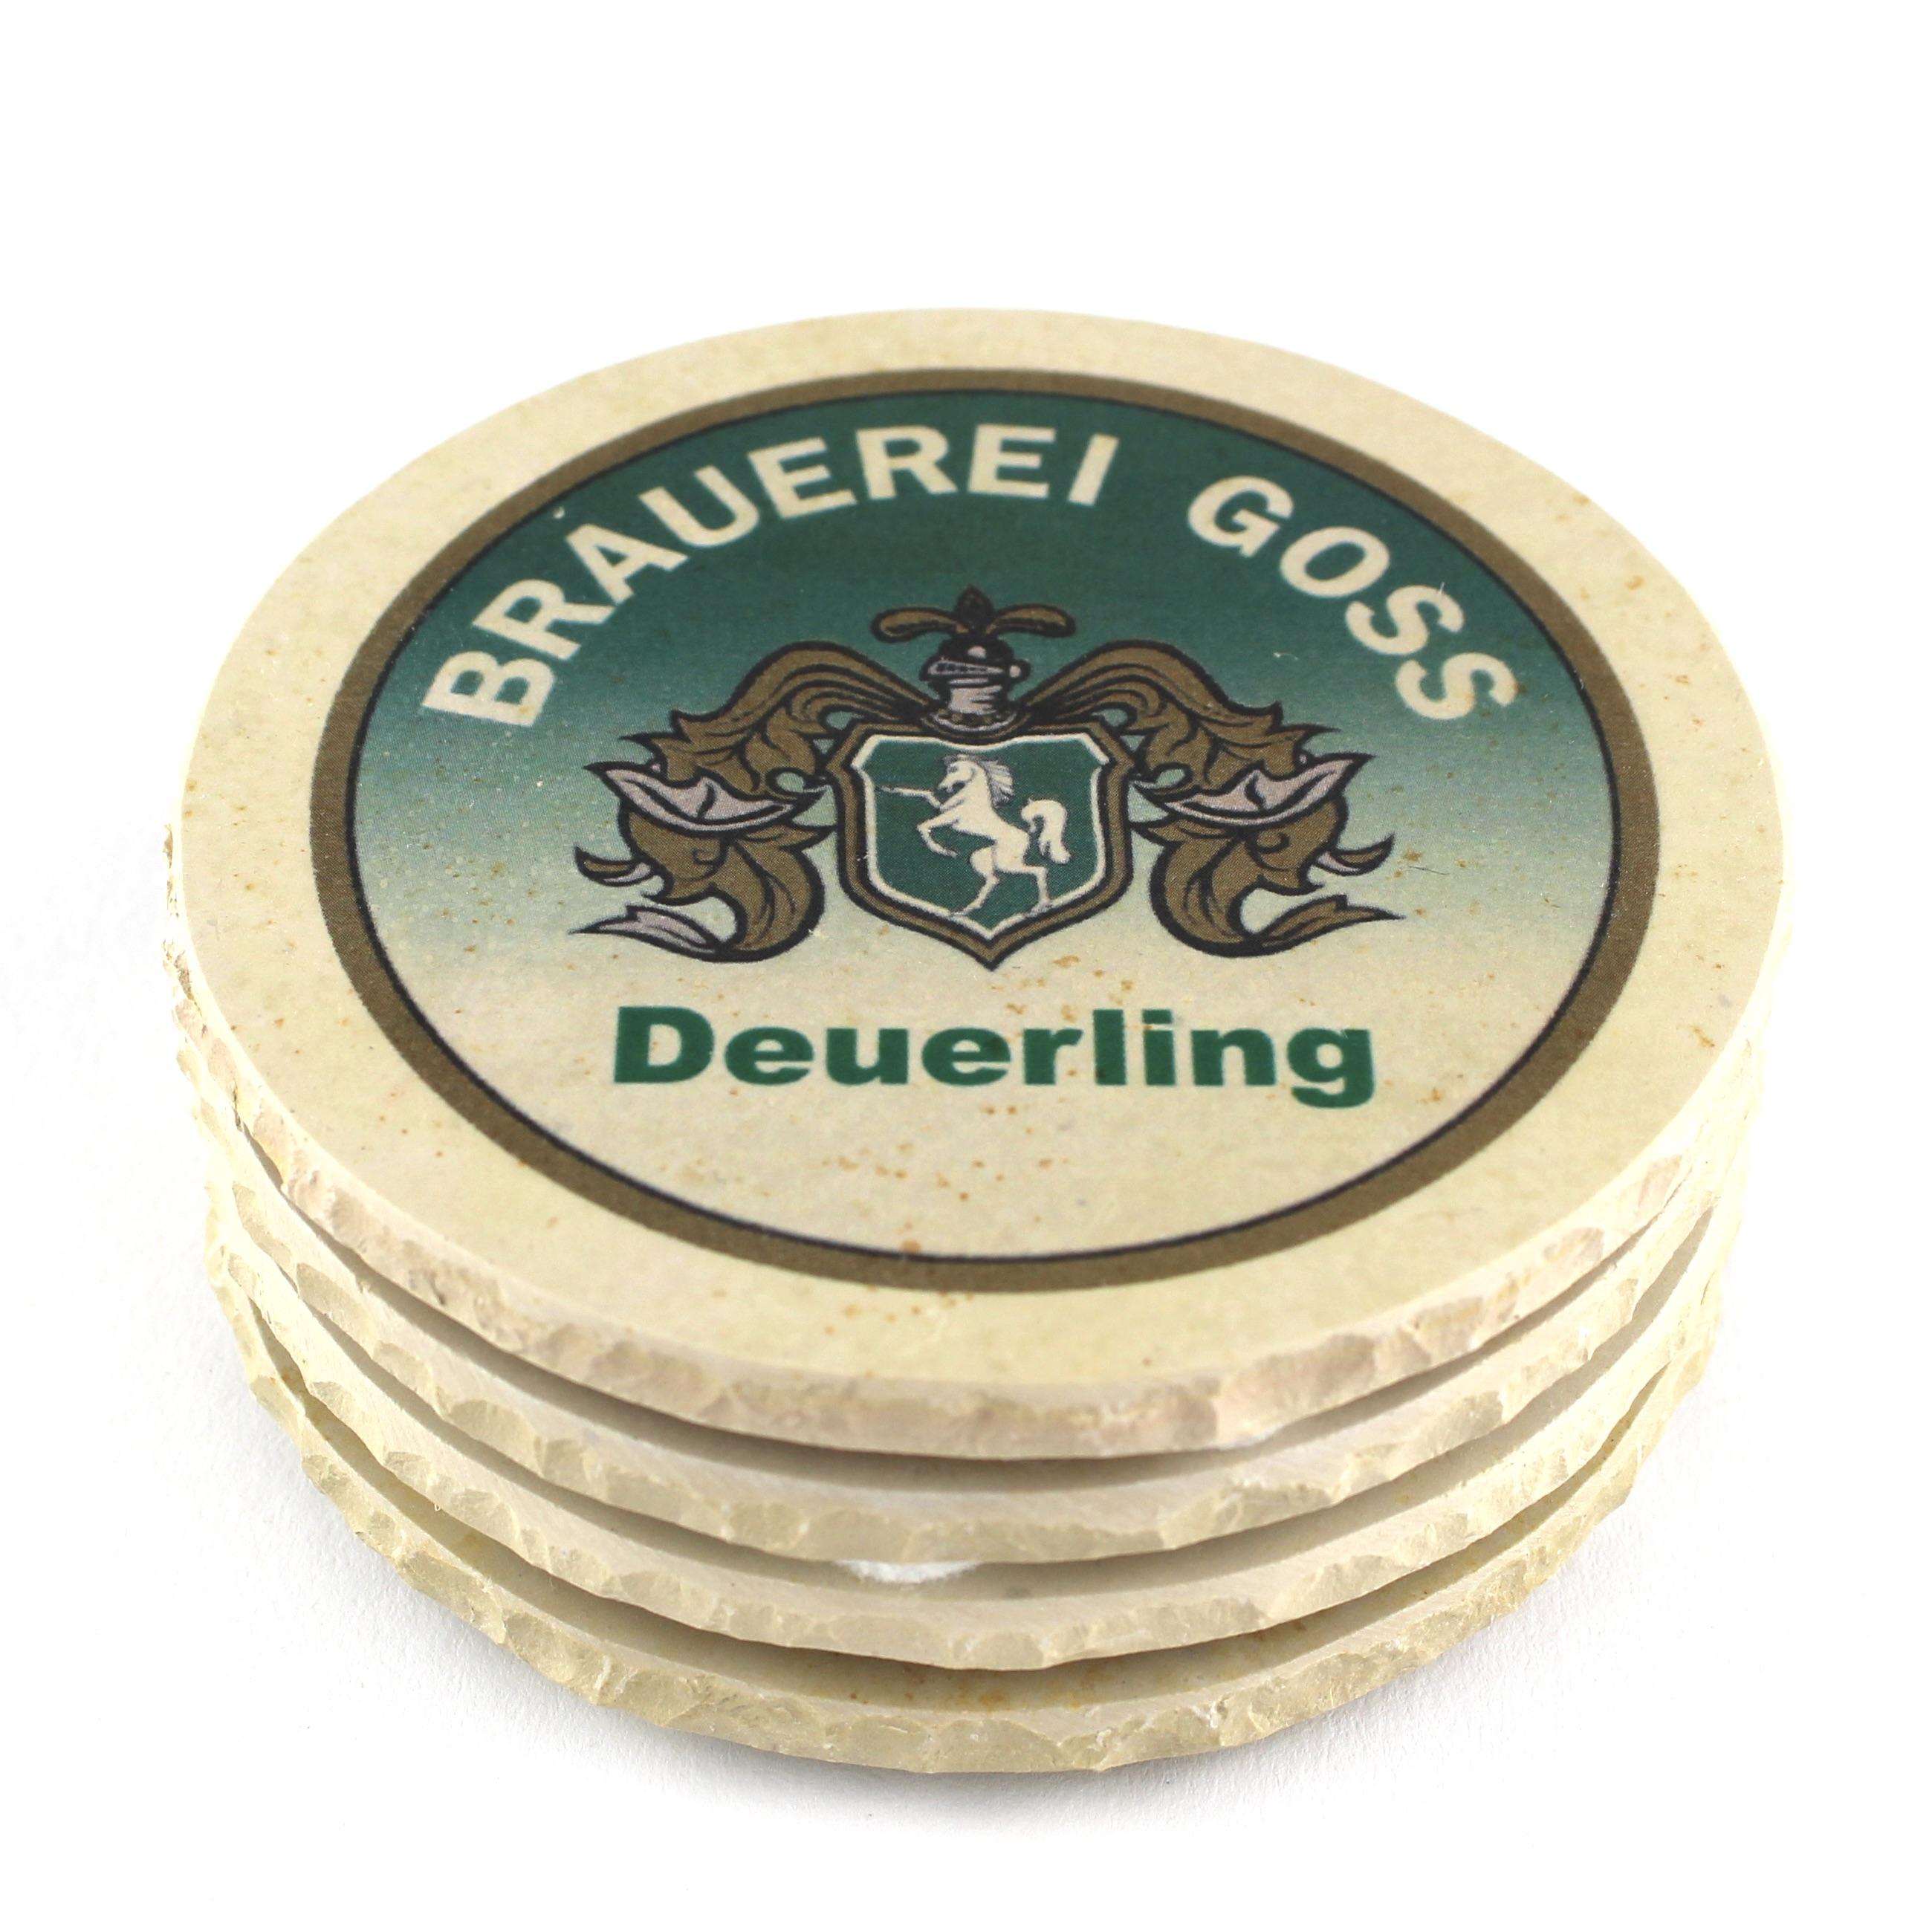 Goss Deuerling